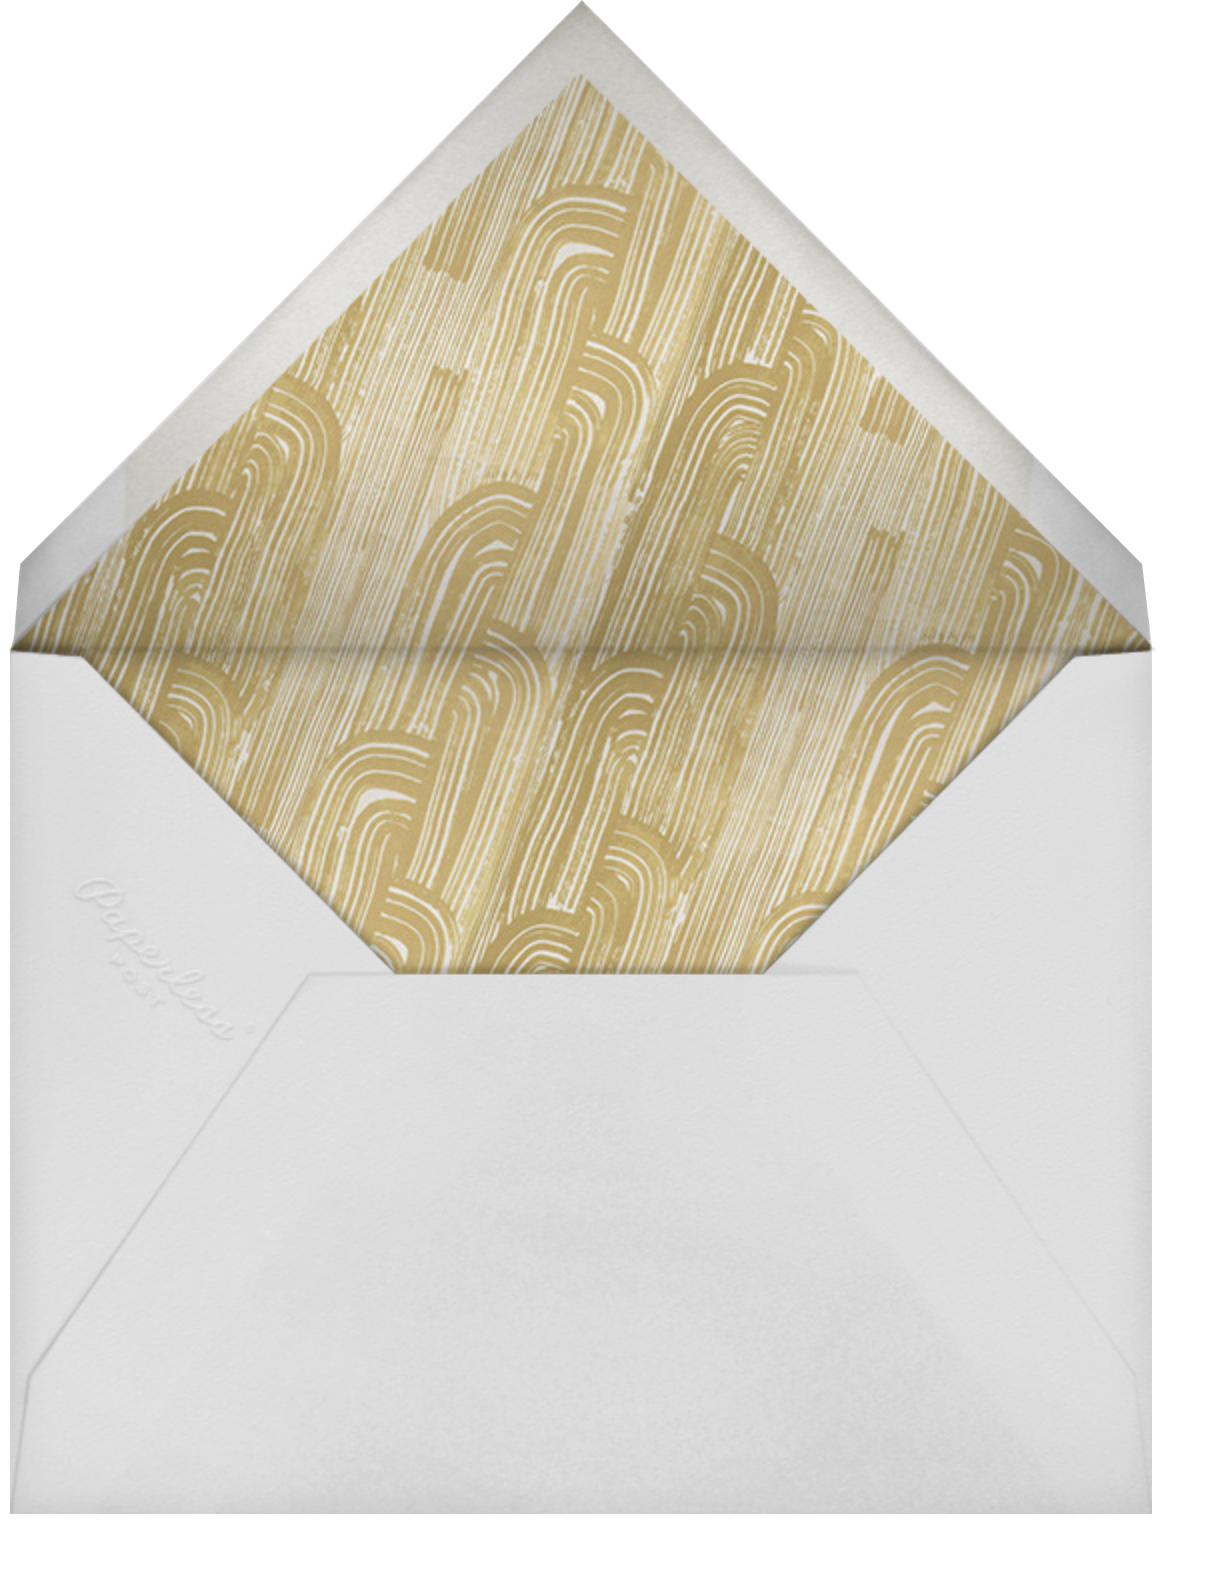 Chroma - Kelly Wearstler - Autumn entertaining - envelope back